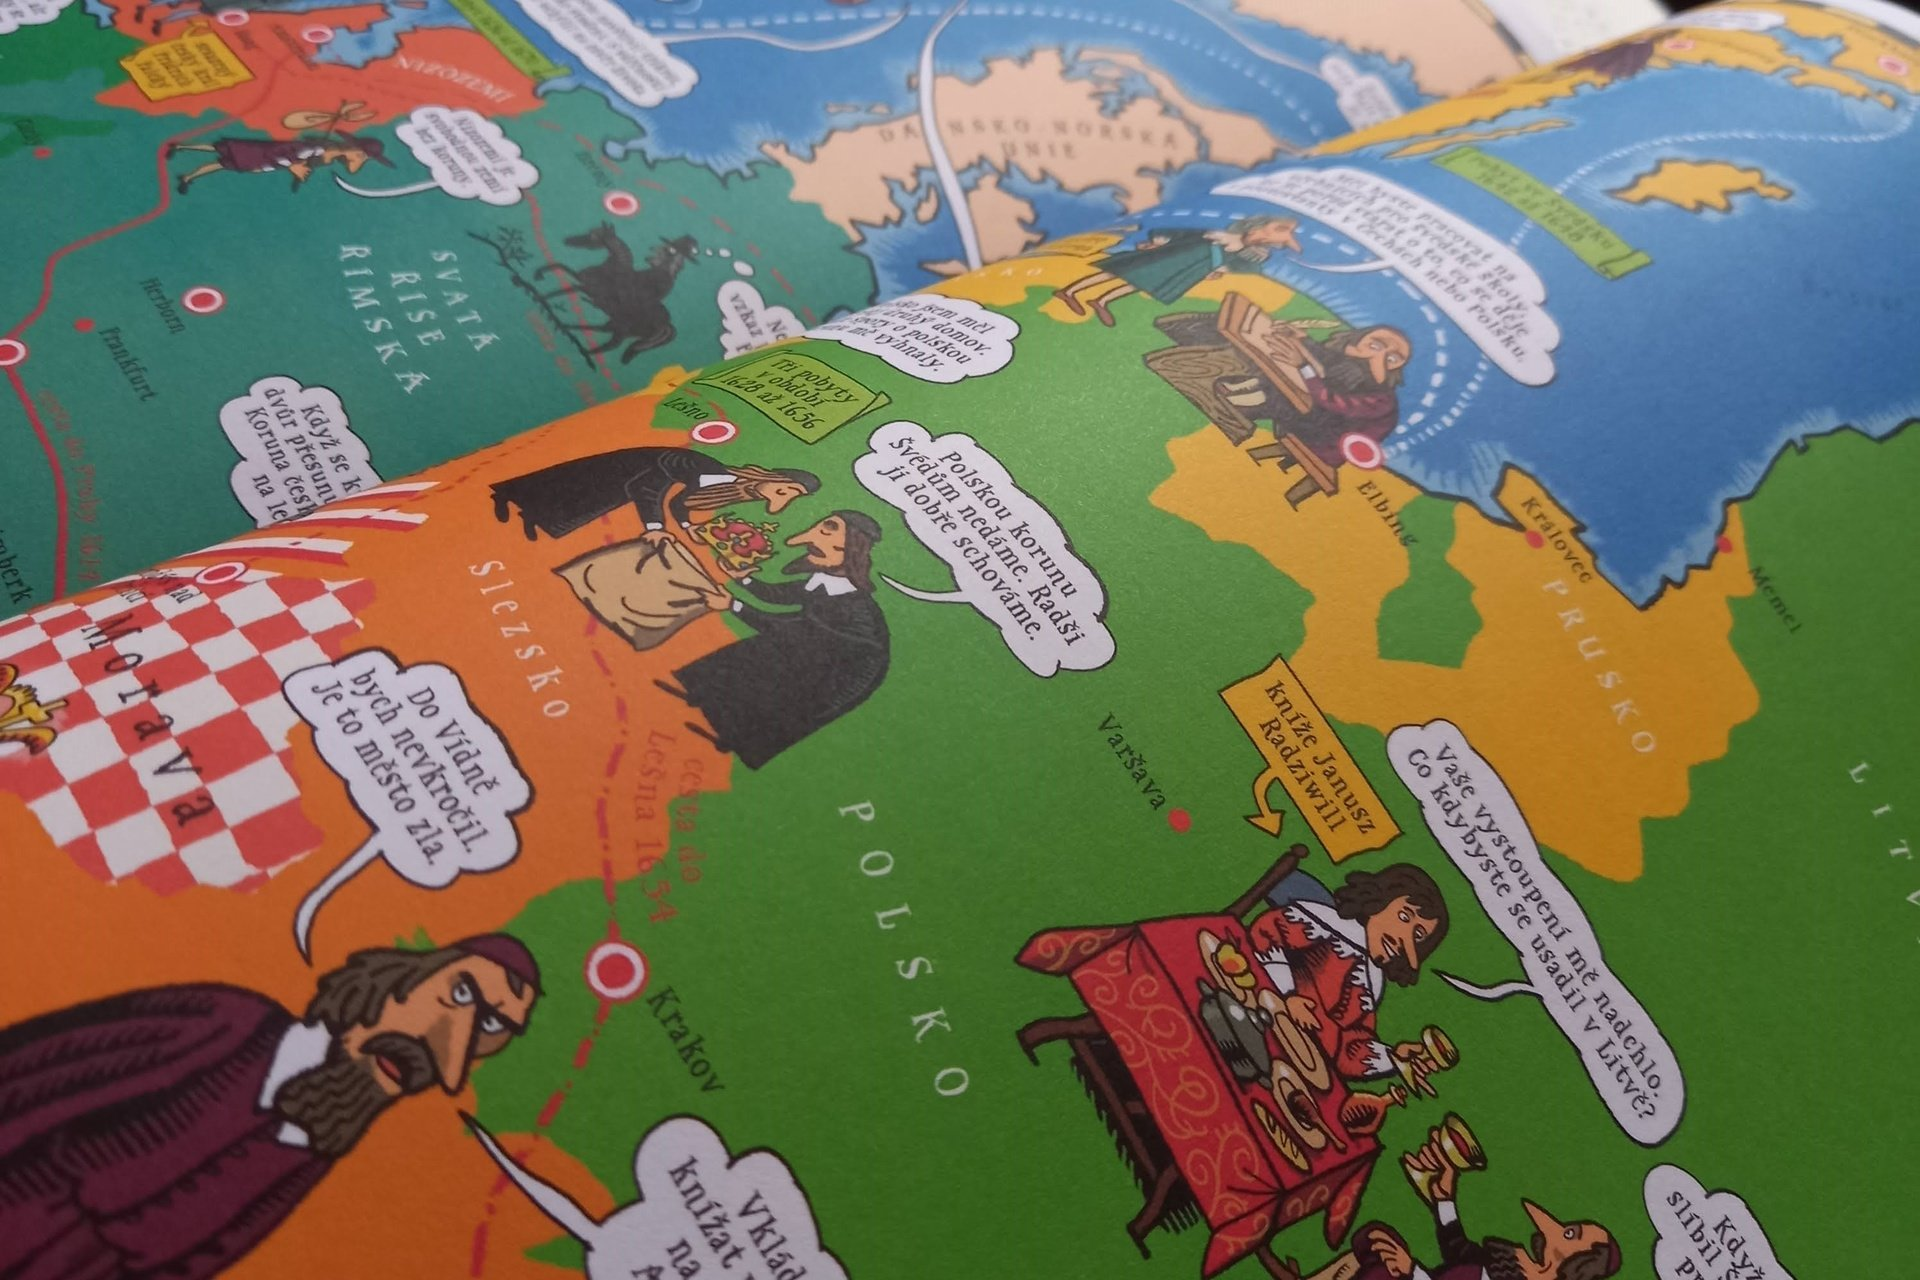 S Komenským do komiksu, únikovka s Ámosem, Klára Smolíková, Lukáš Fibrich, komiks